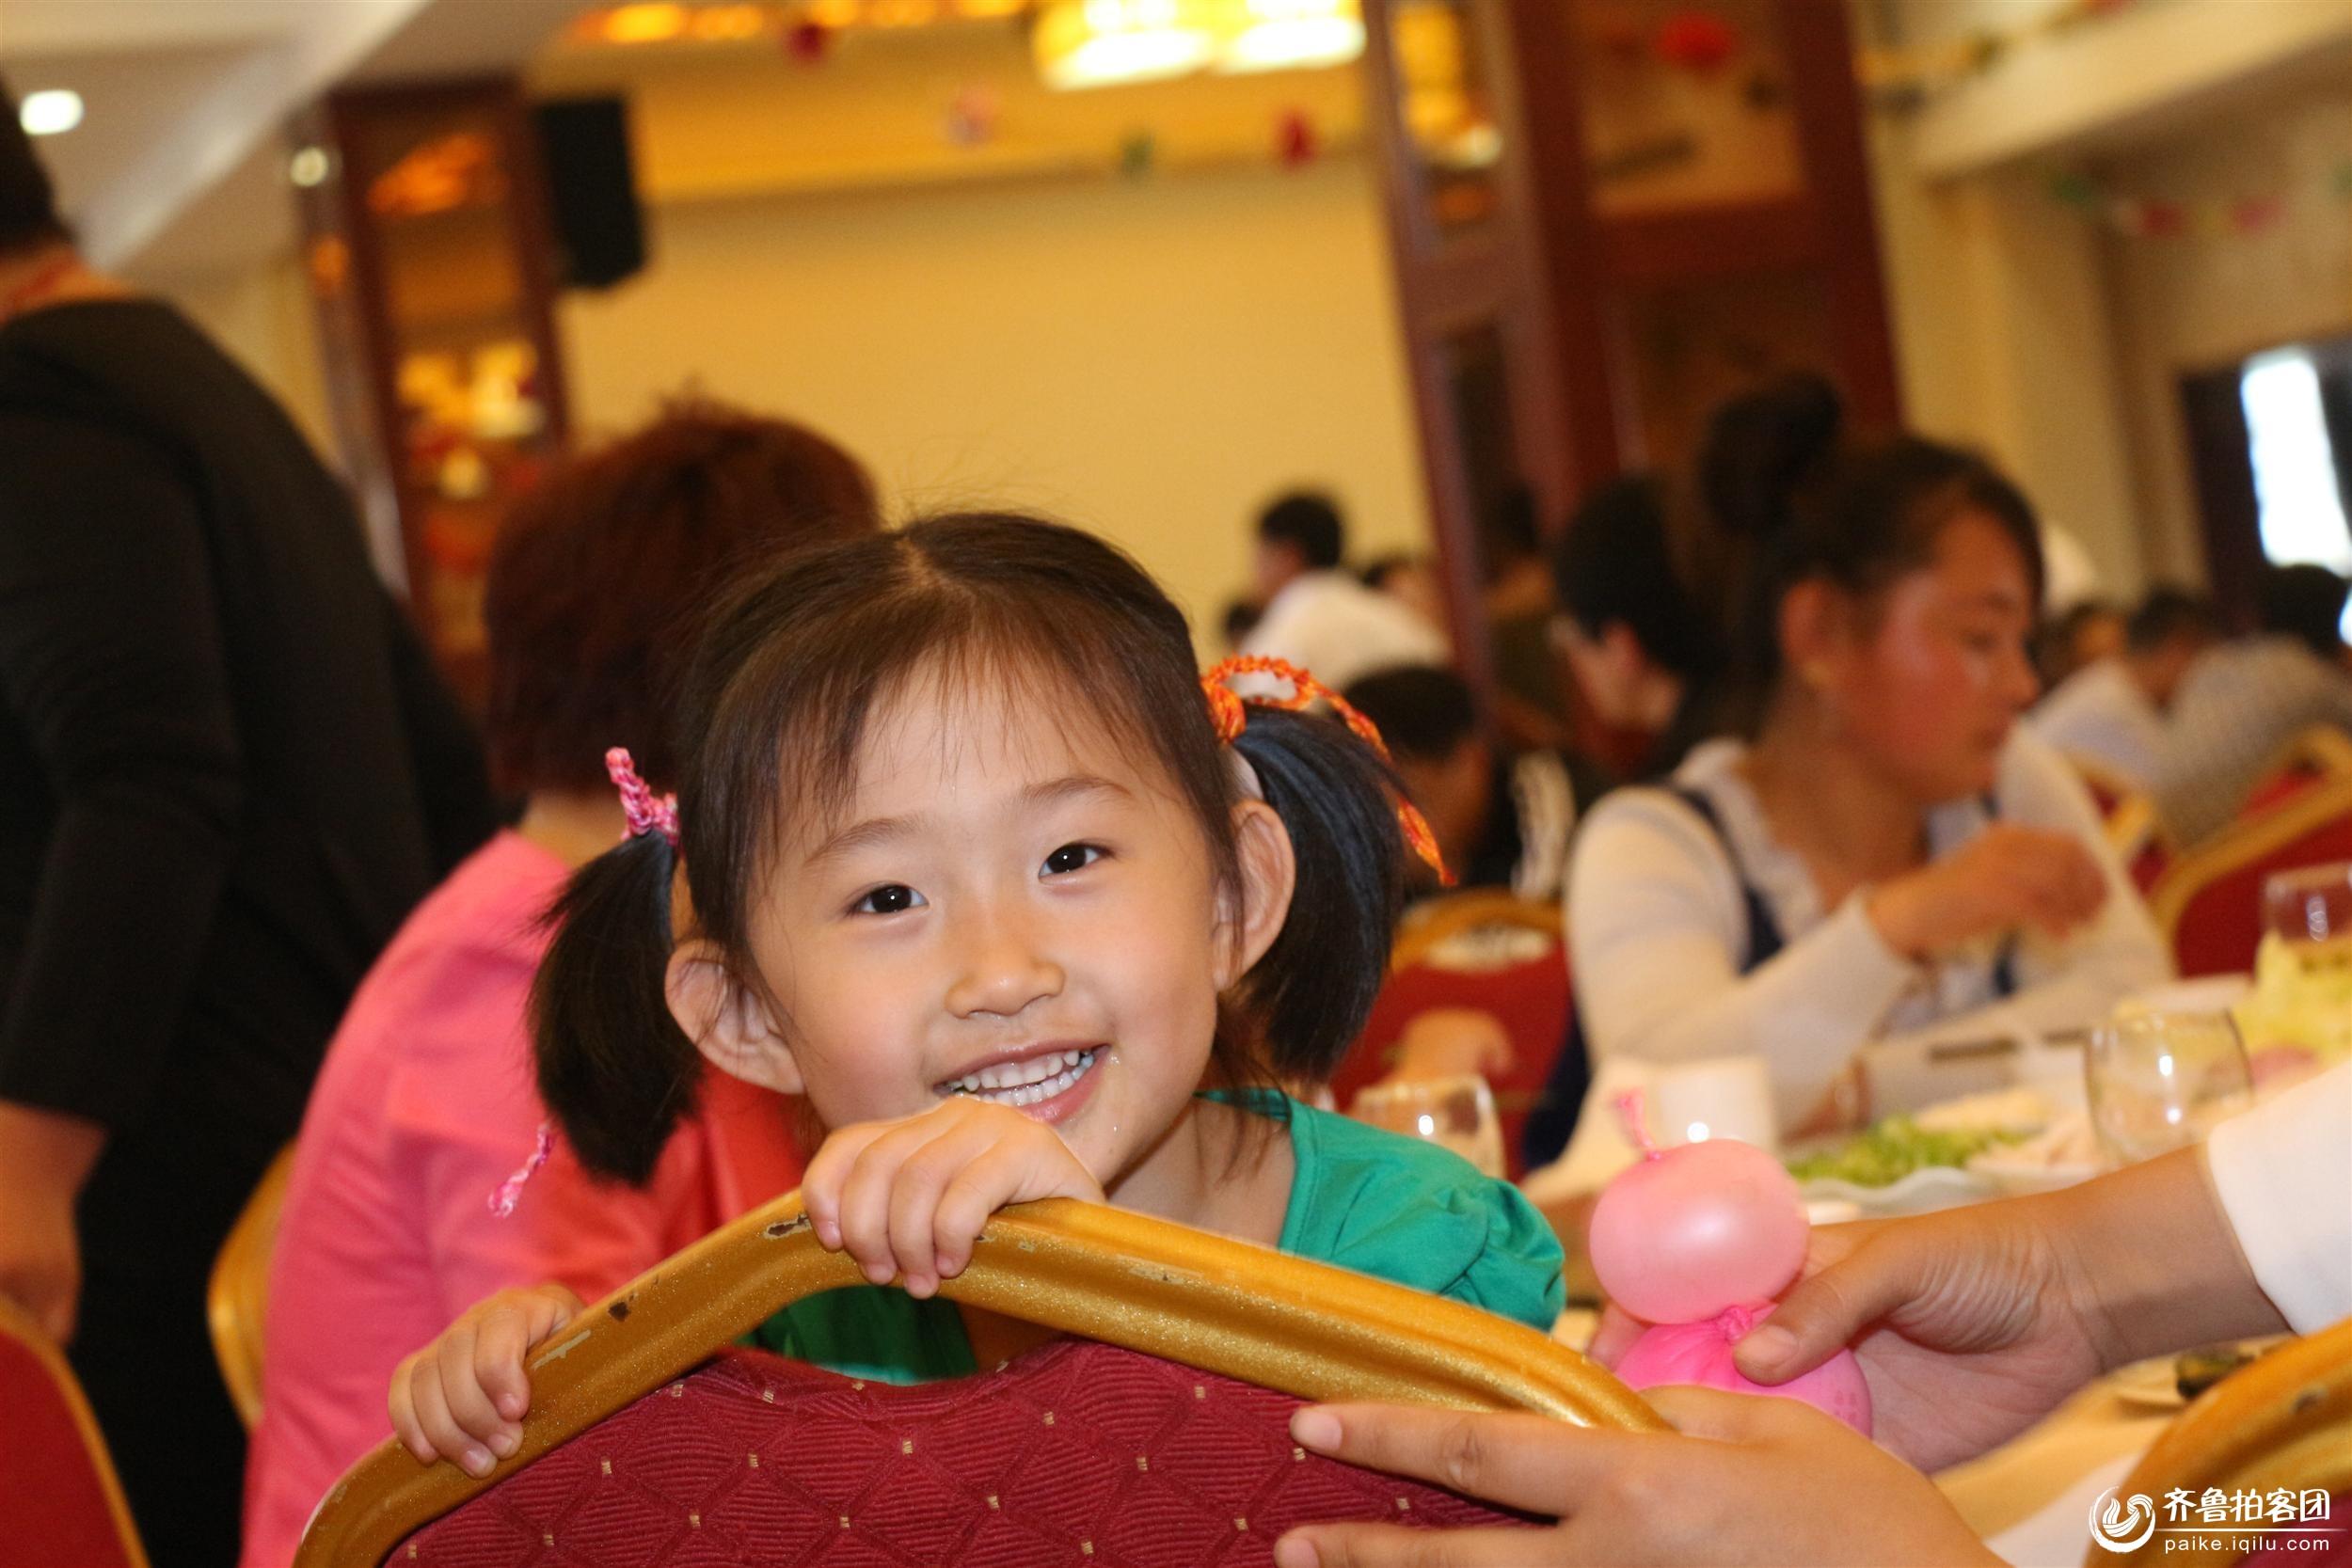 河口 江南韵 小 美女 一枚 东营拍客 齐鲁社区高清图片